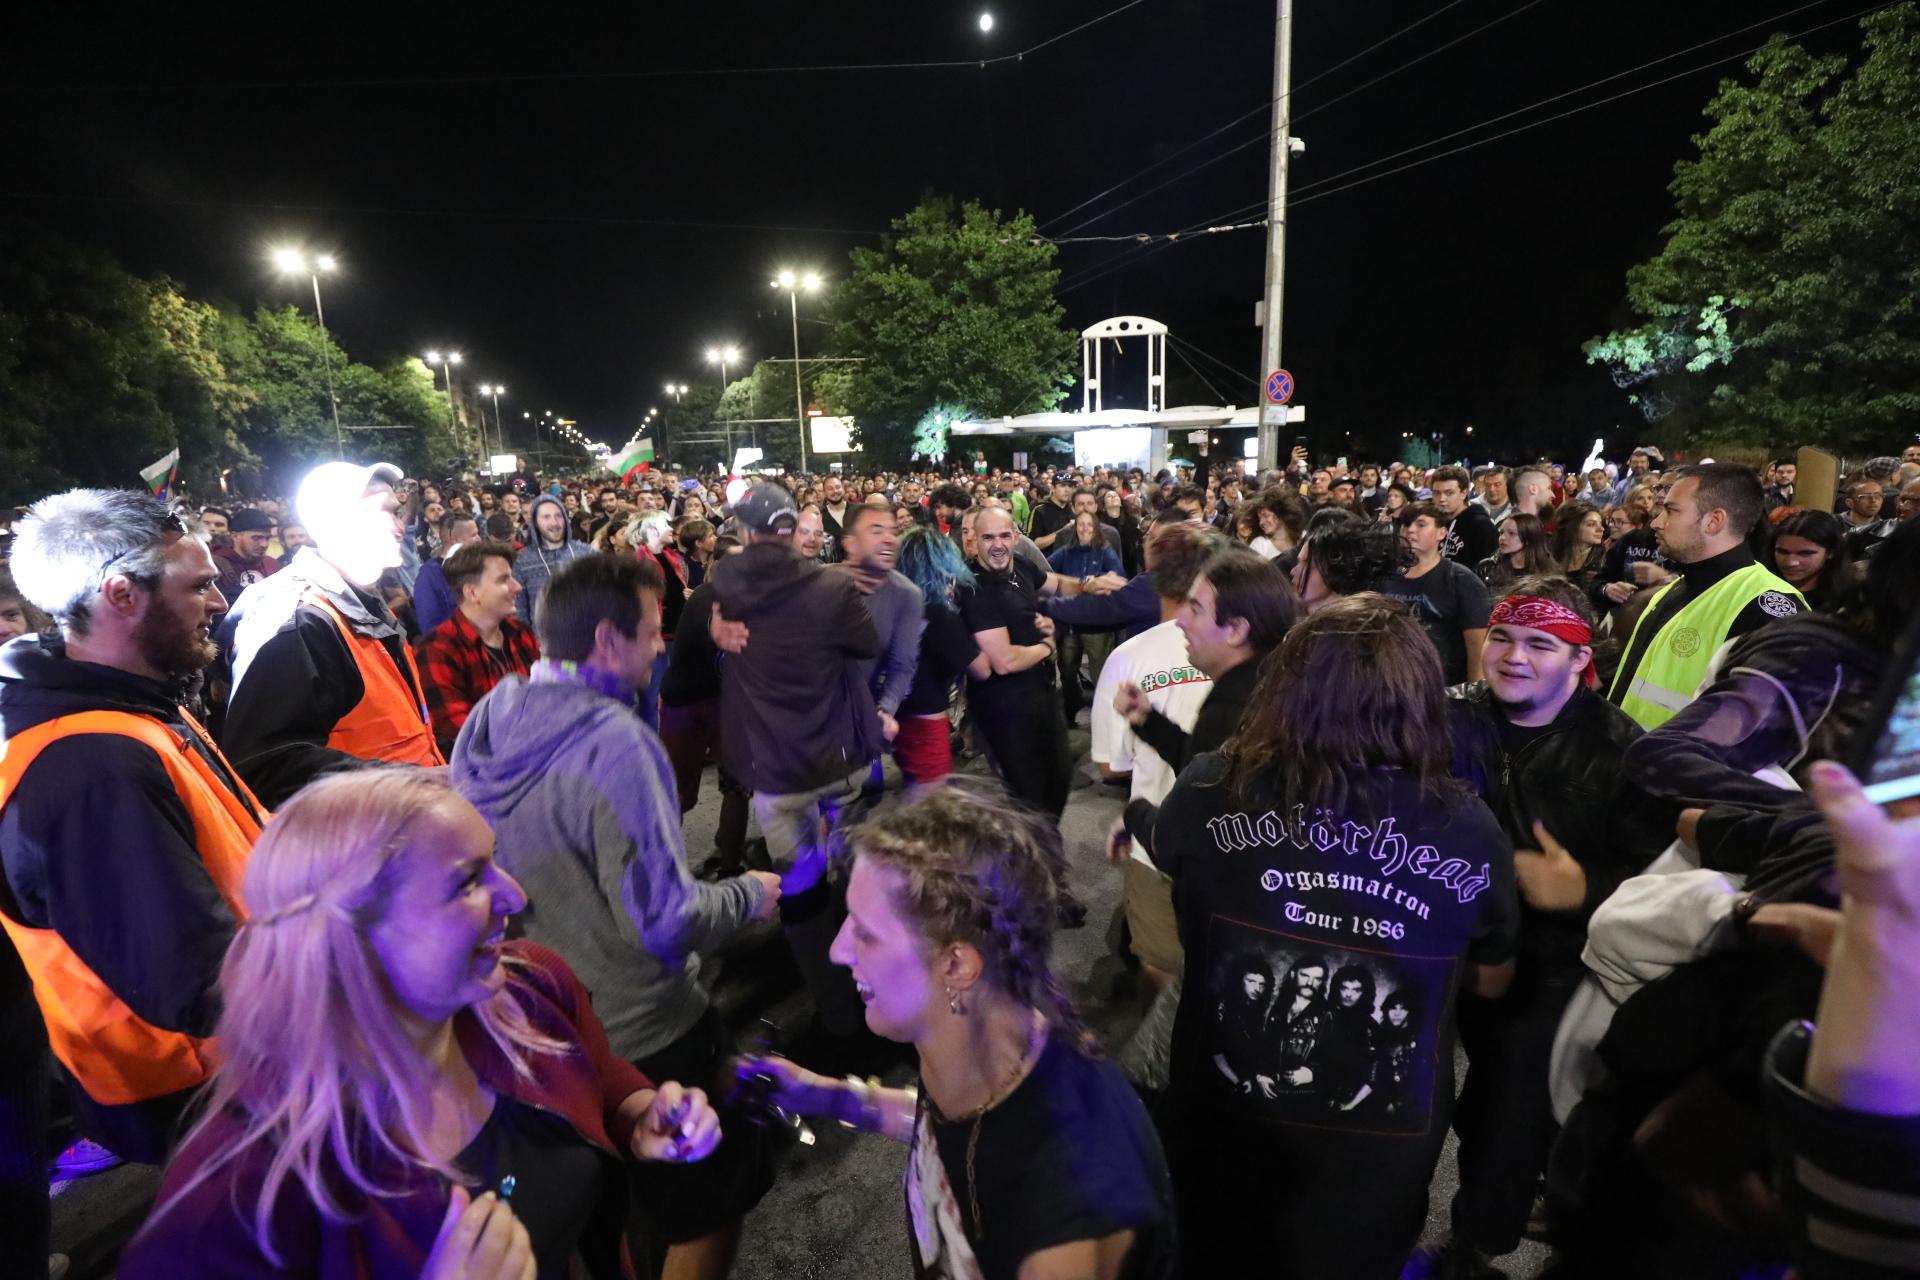 <p>Митинг-концерт блокира &quot;Орлов мост&quot;</p>